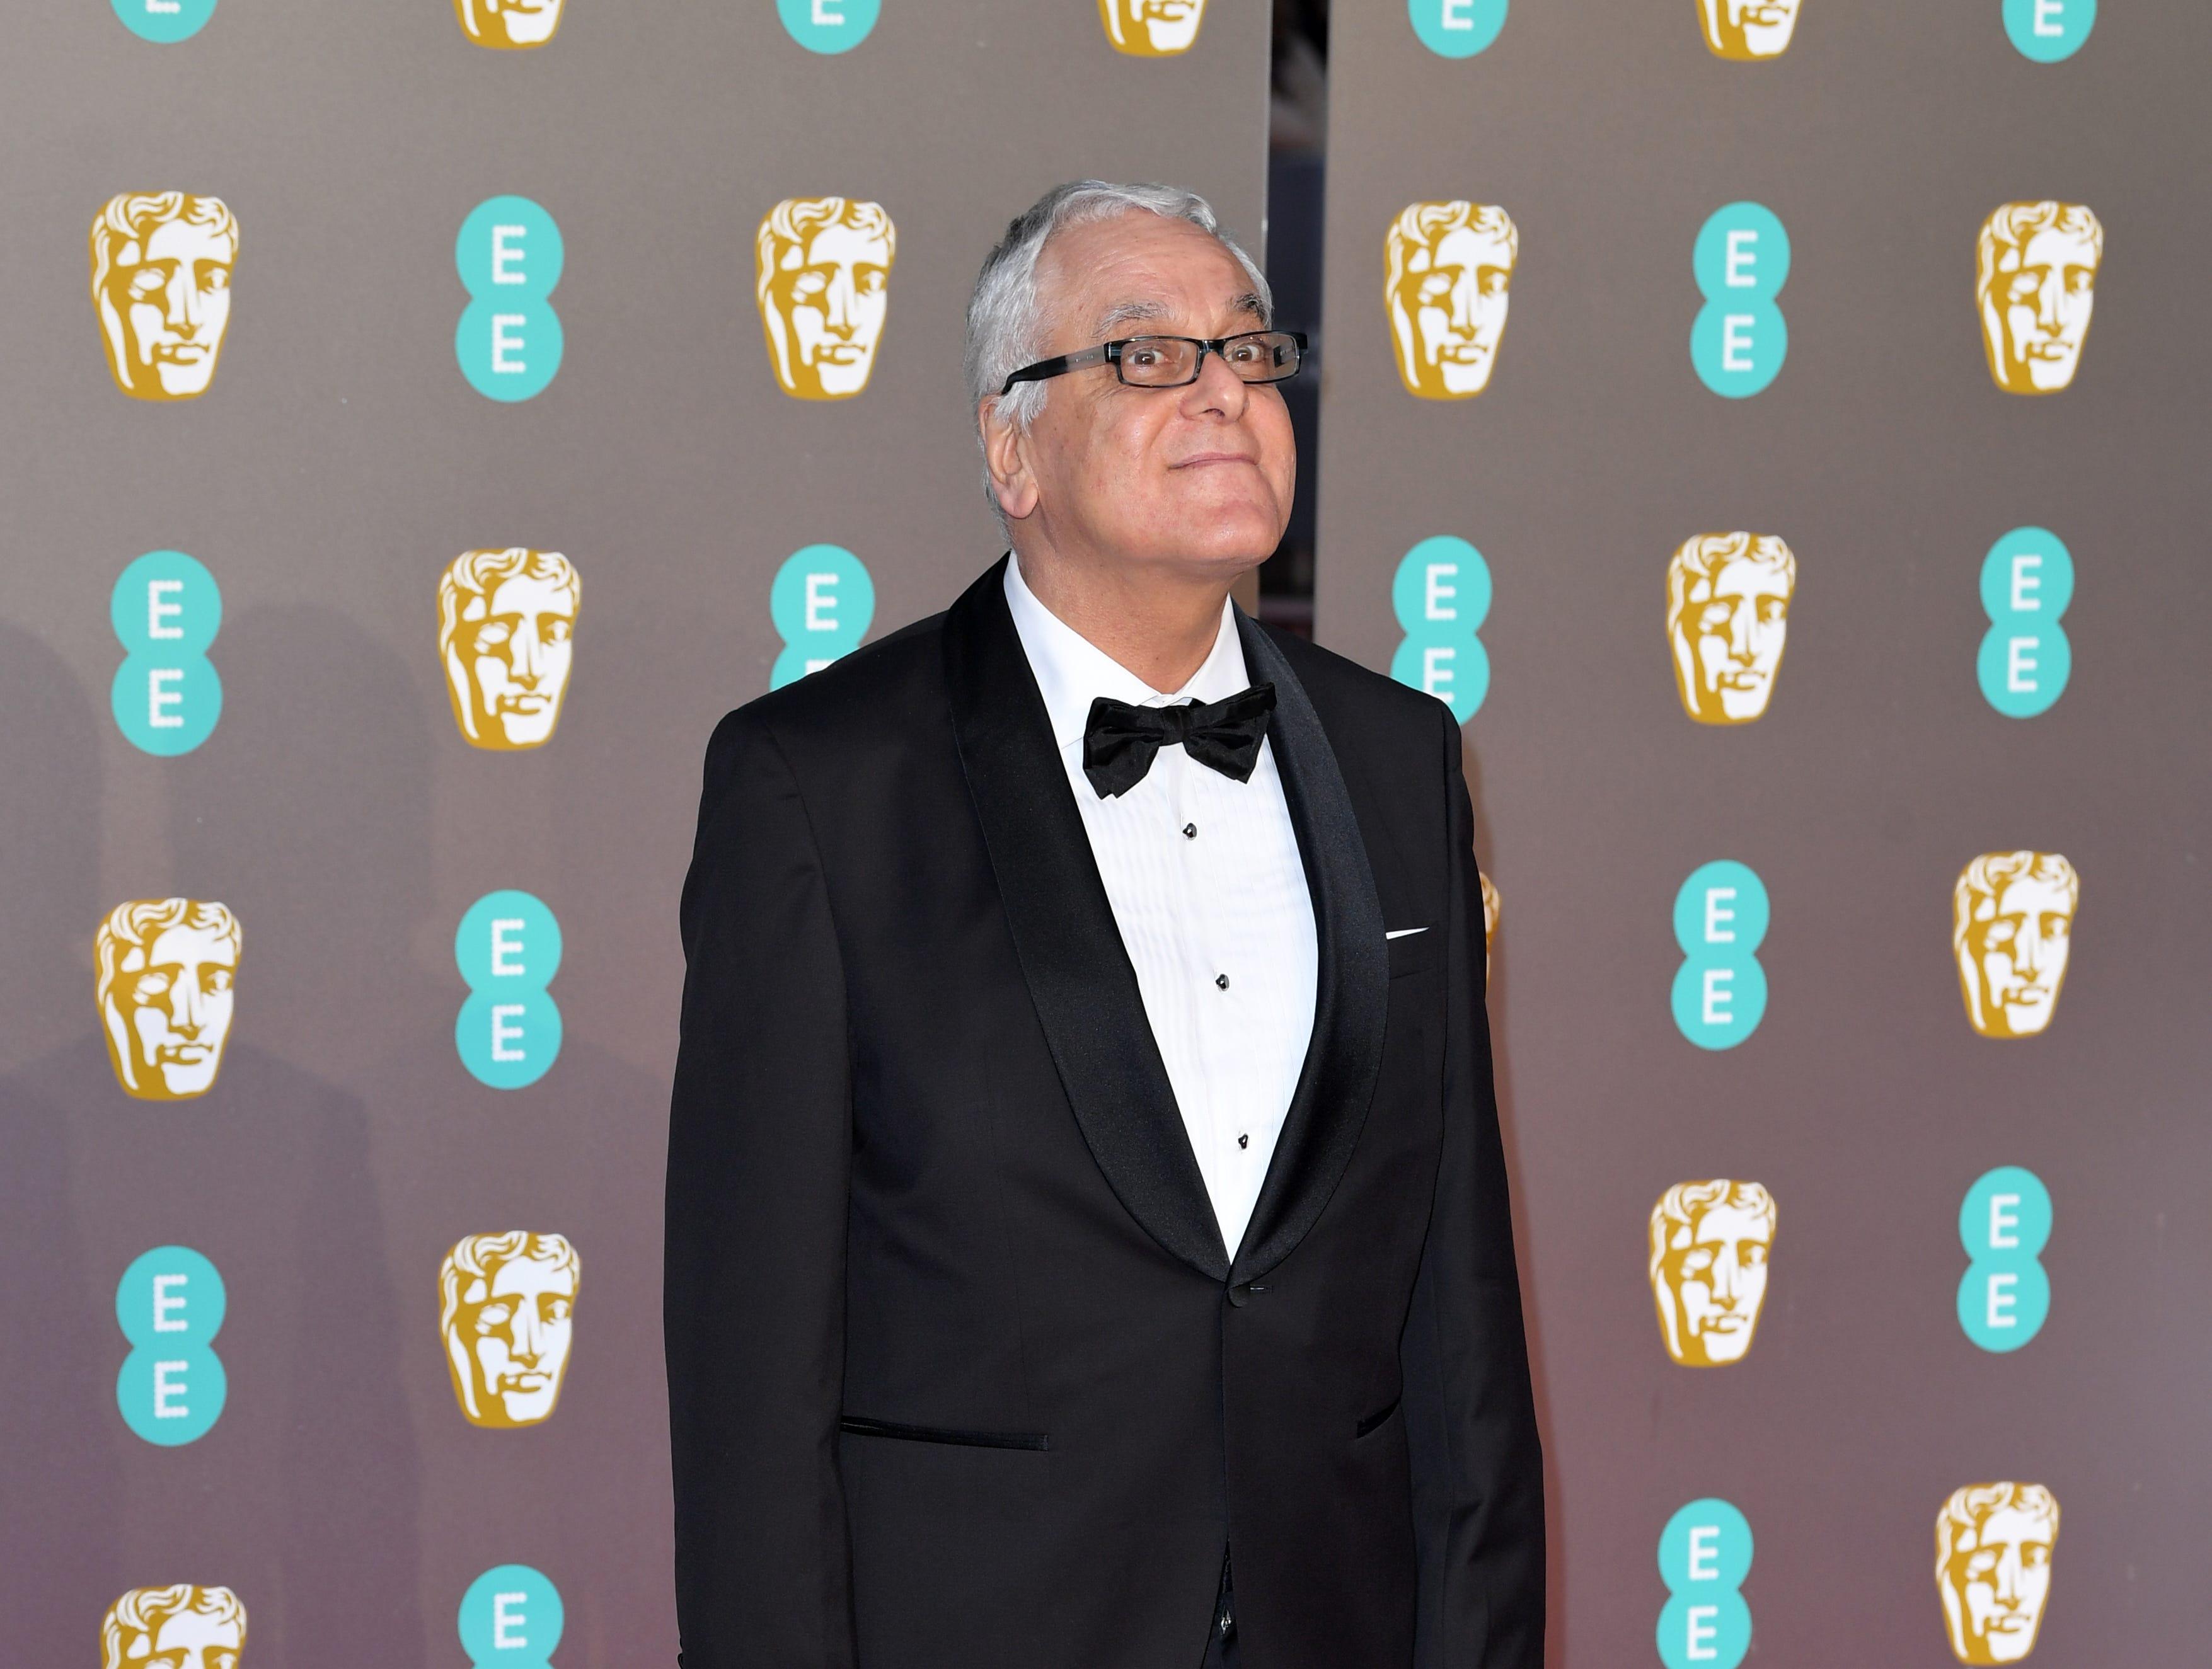 Yorgos Mavropsaridis a su llegada a la alfombra roja de los Premios de la Academia Británica de Cine BAFTA en el Royal Albert Hall en Londres el 10 de febrero de 2019.